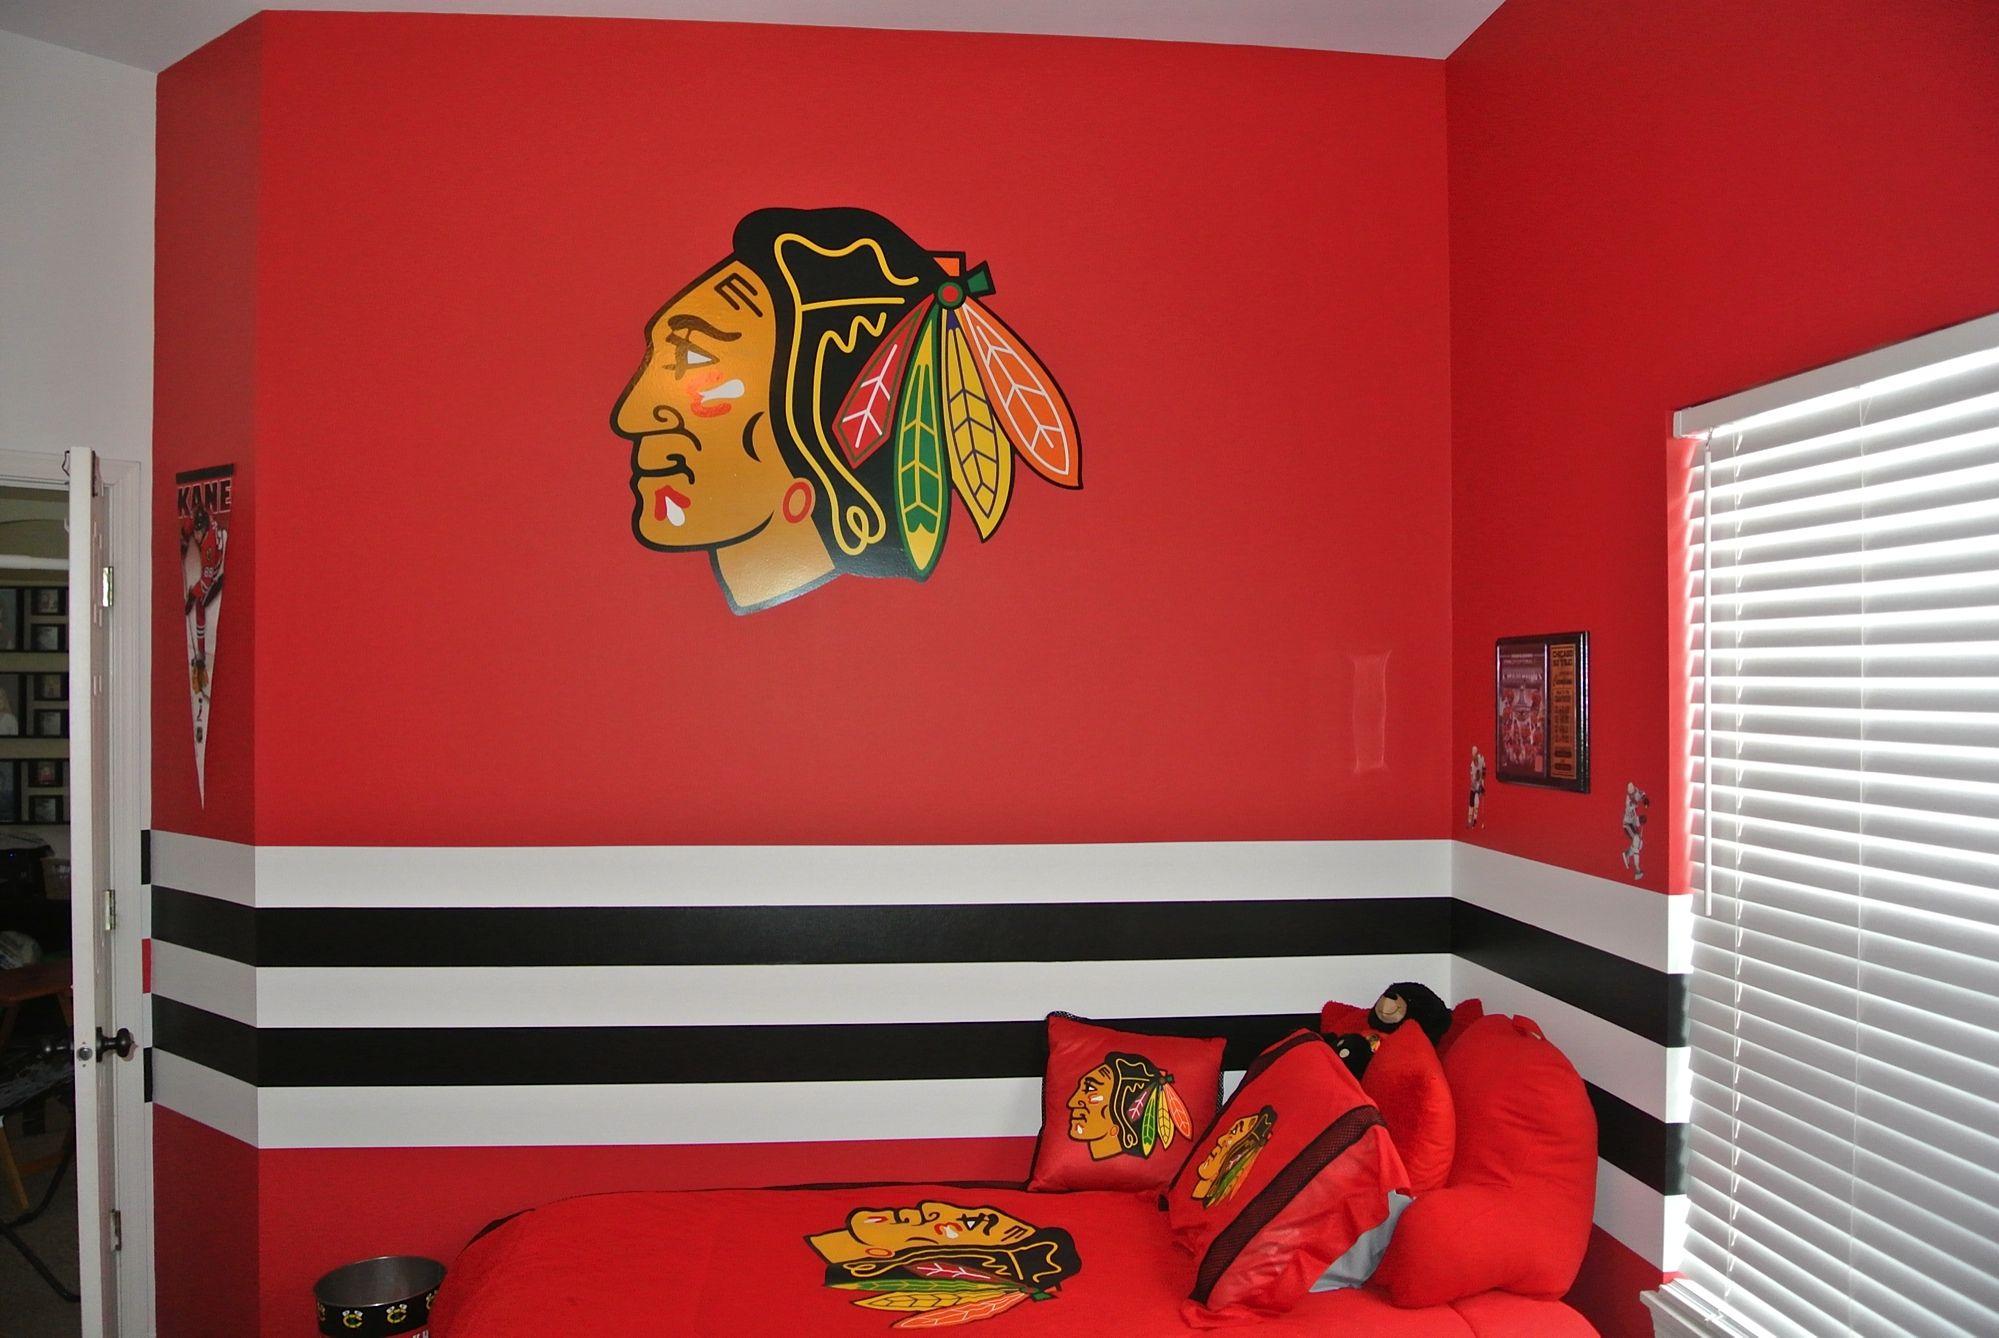 Hockey sports room painting ideas Palatine Illinois | KidRoom ...